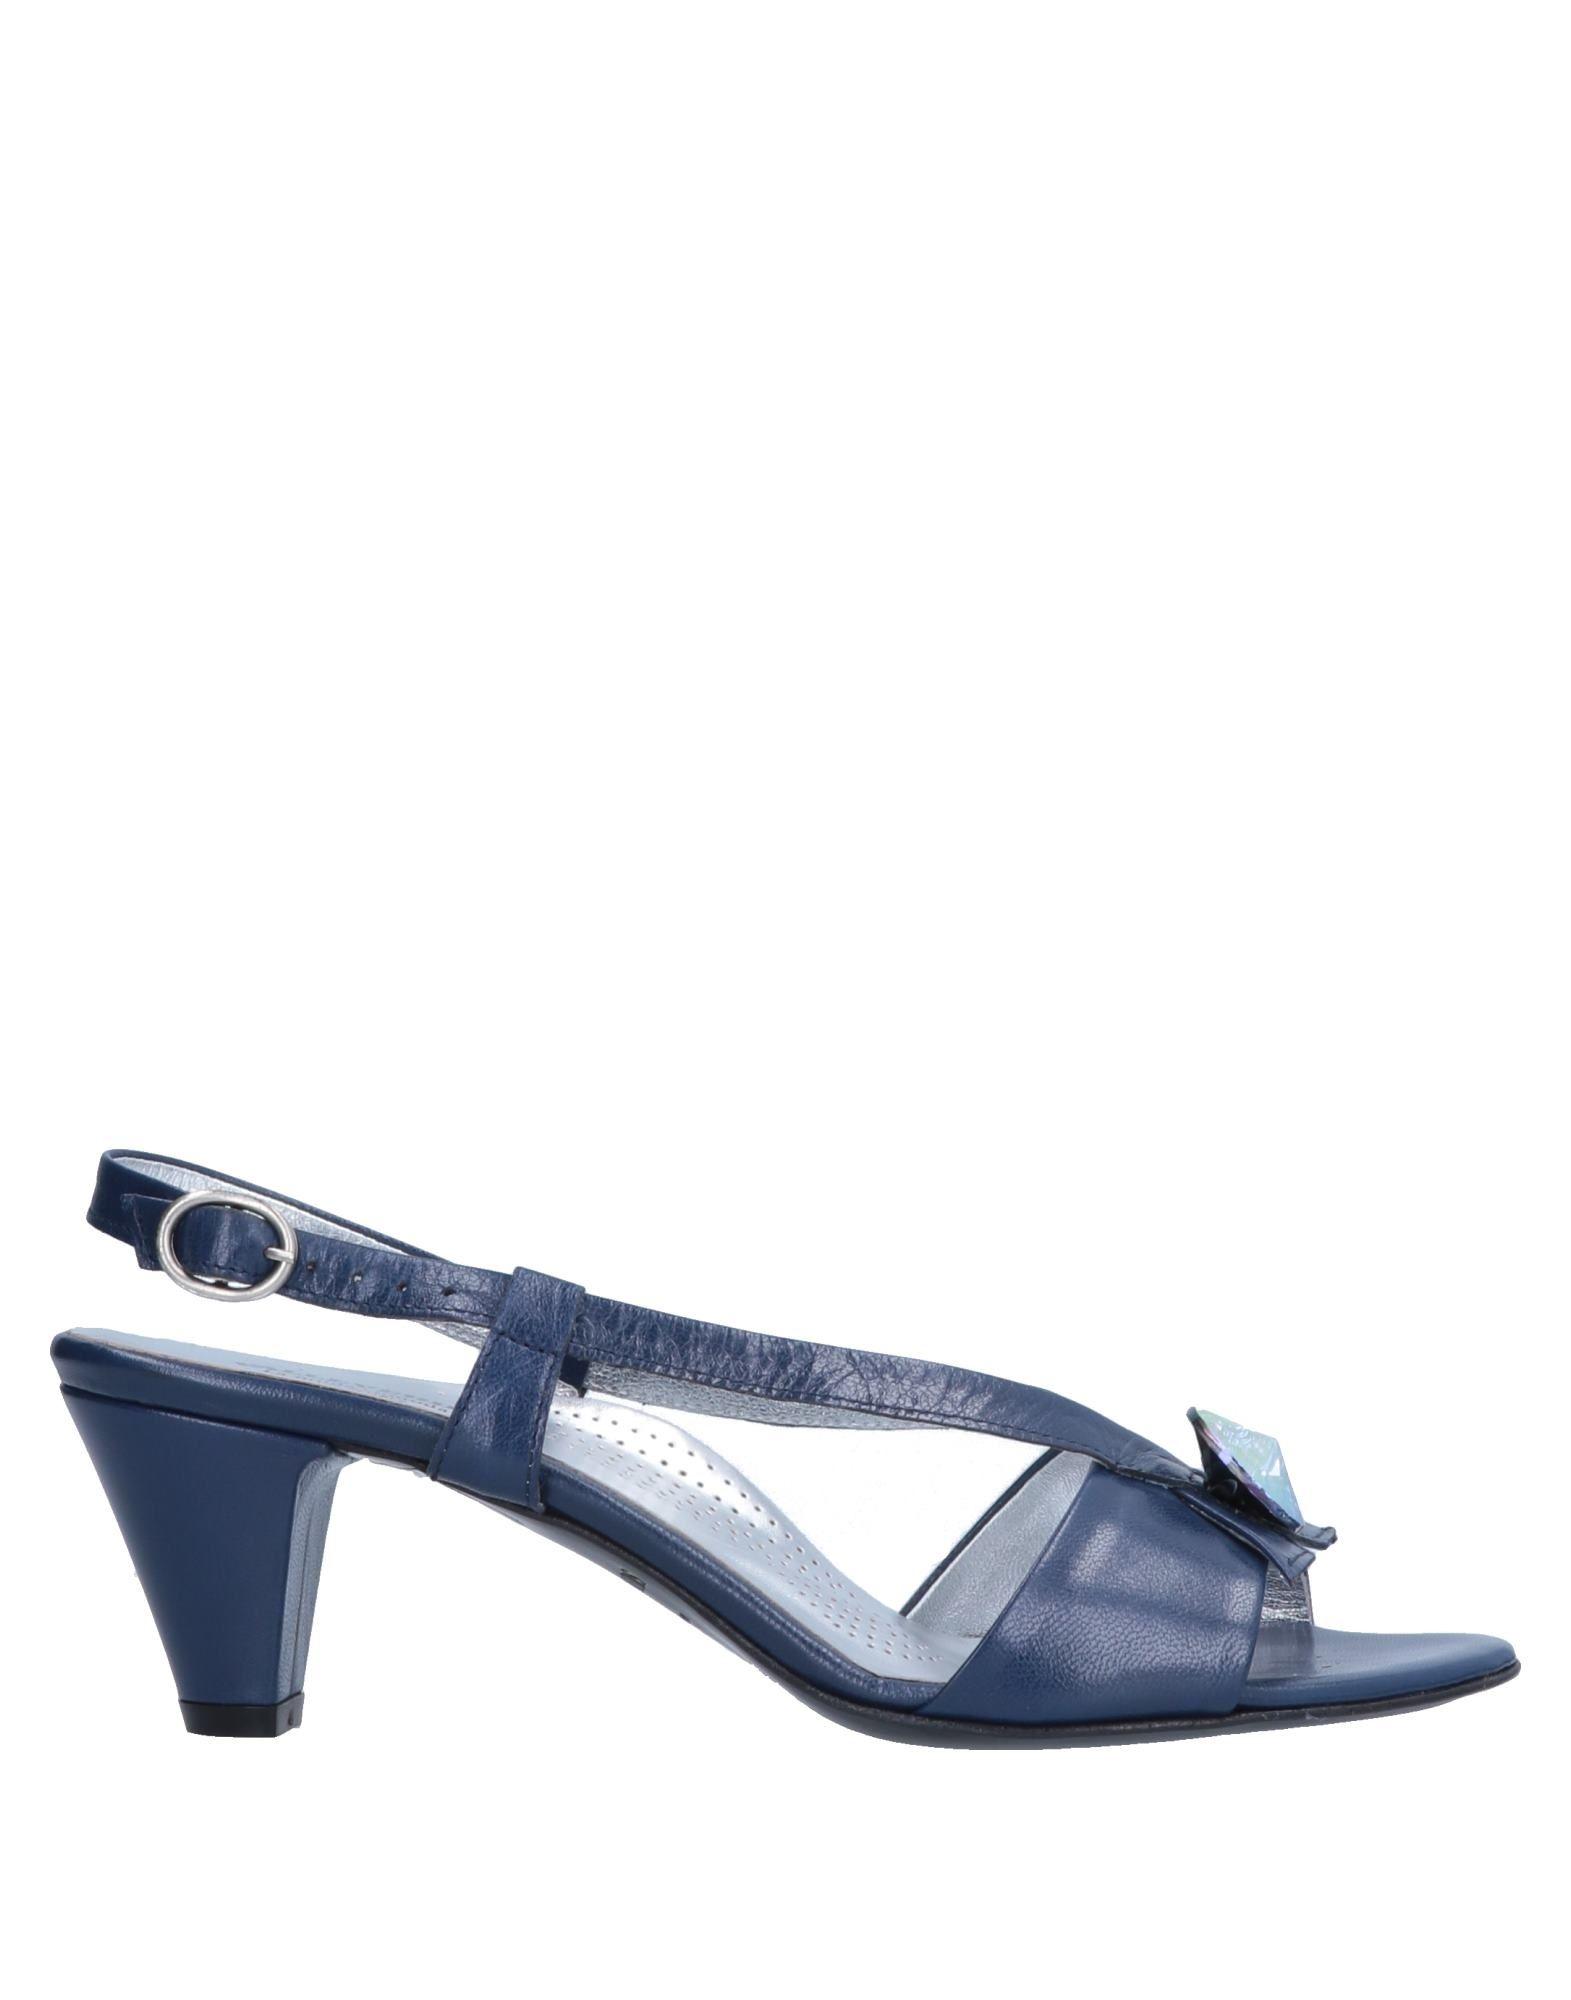 Valleverde Sandalen Damen  11547515EK Gute Qualität beliebte Schuhe